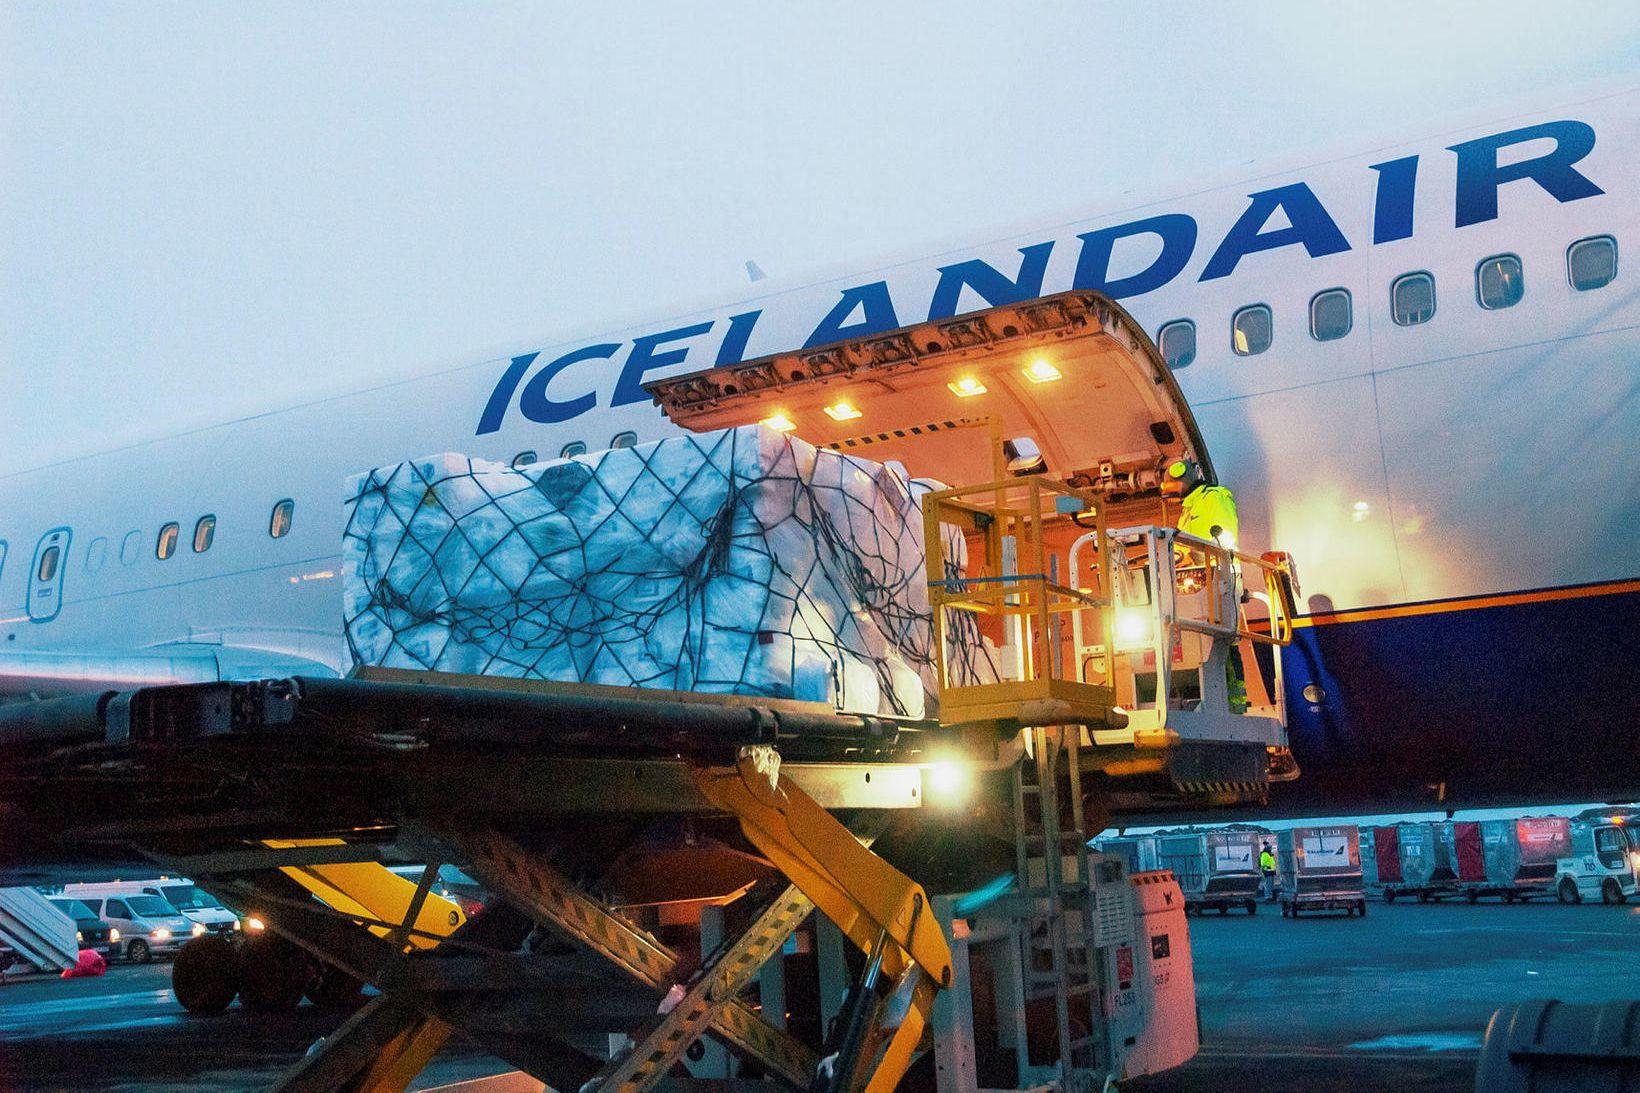 Icelandair fraktflutningavél flaug til Sjanghæ til að sækja lækningavörur.